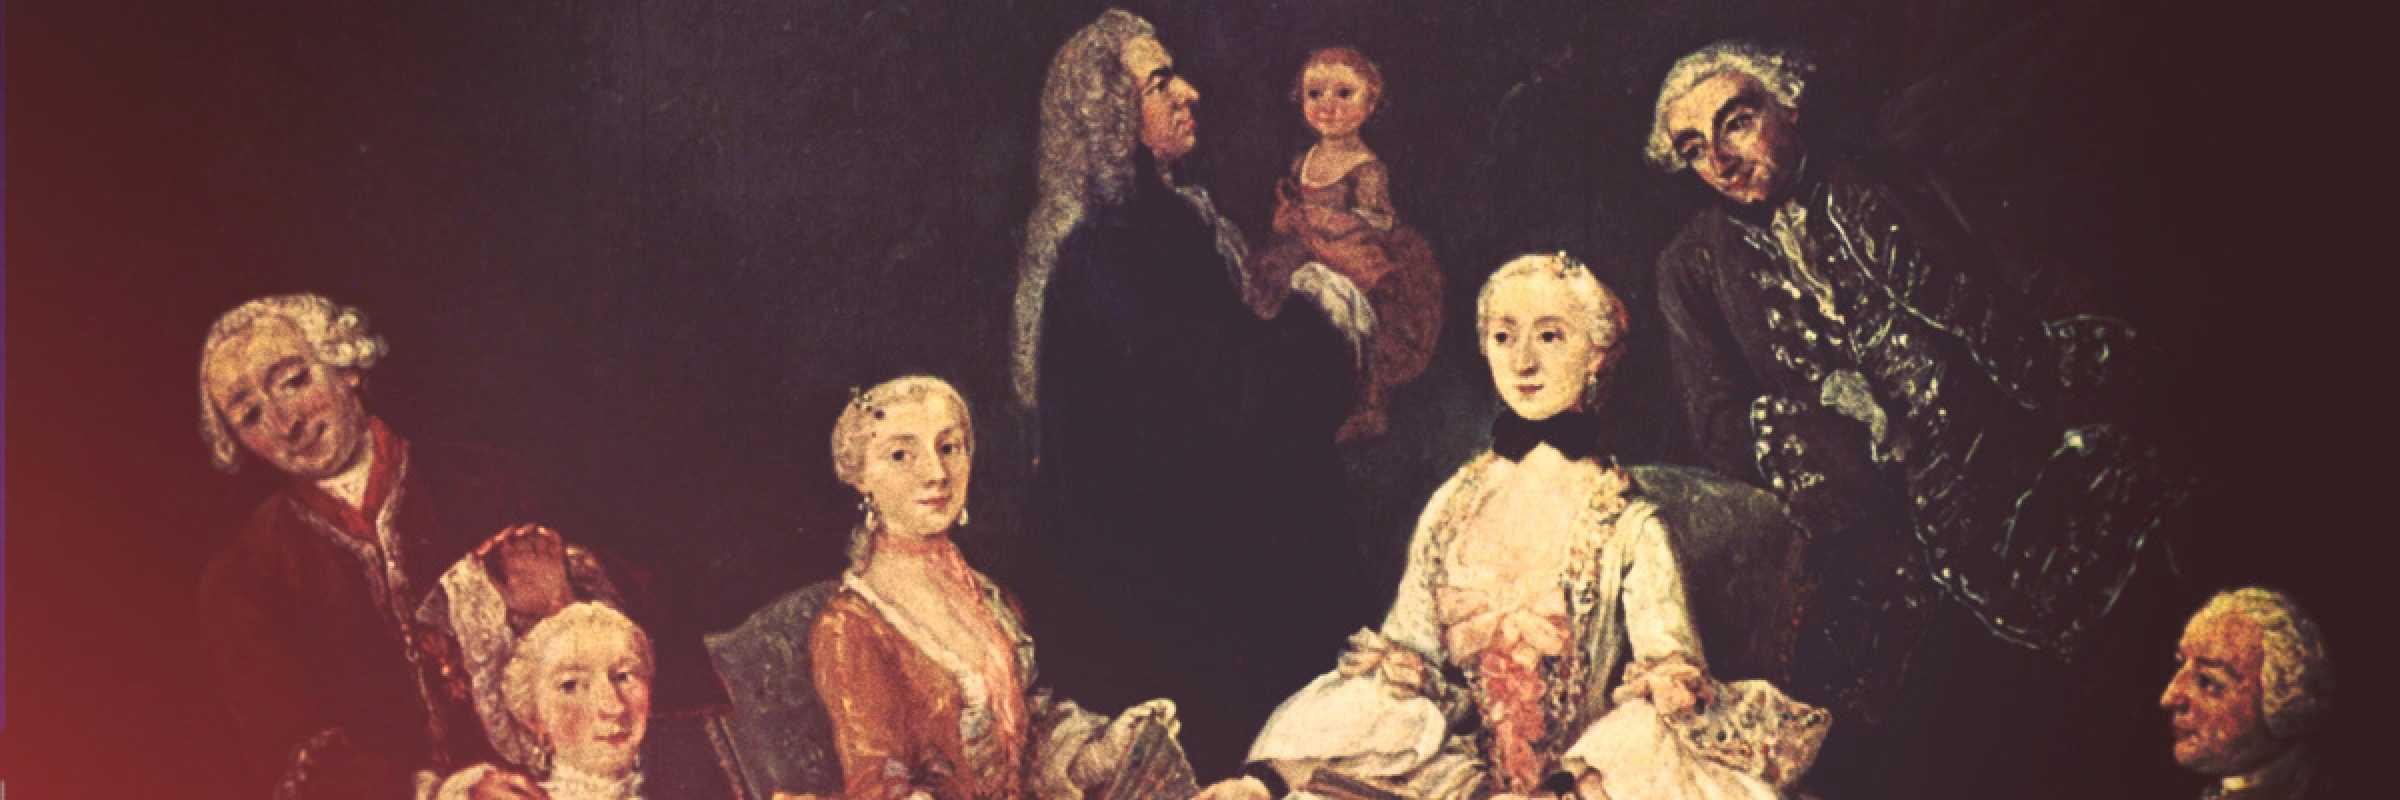 Famiglia patrizia - tratto da un dipinto di Pietro Longhi